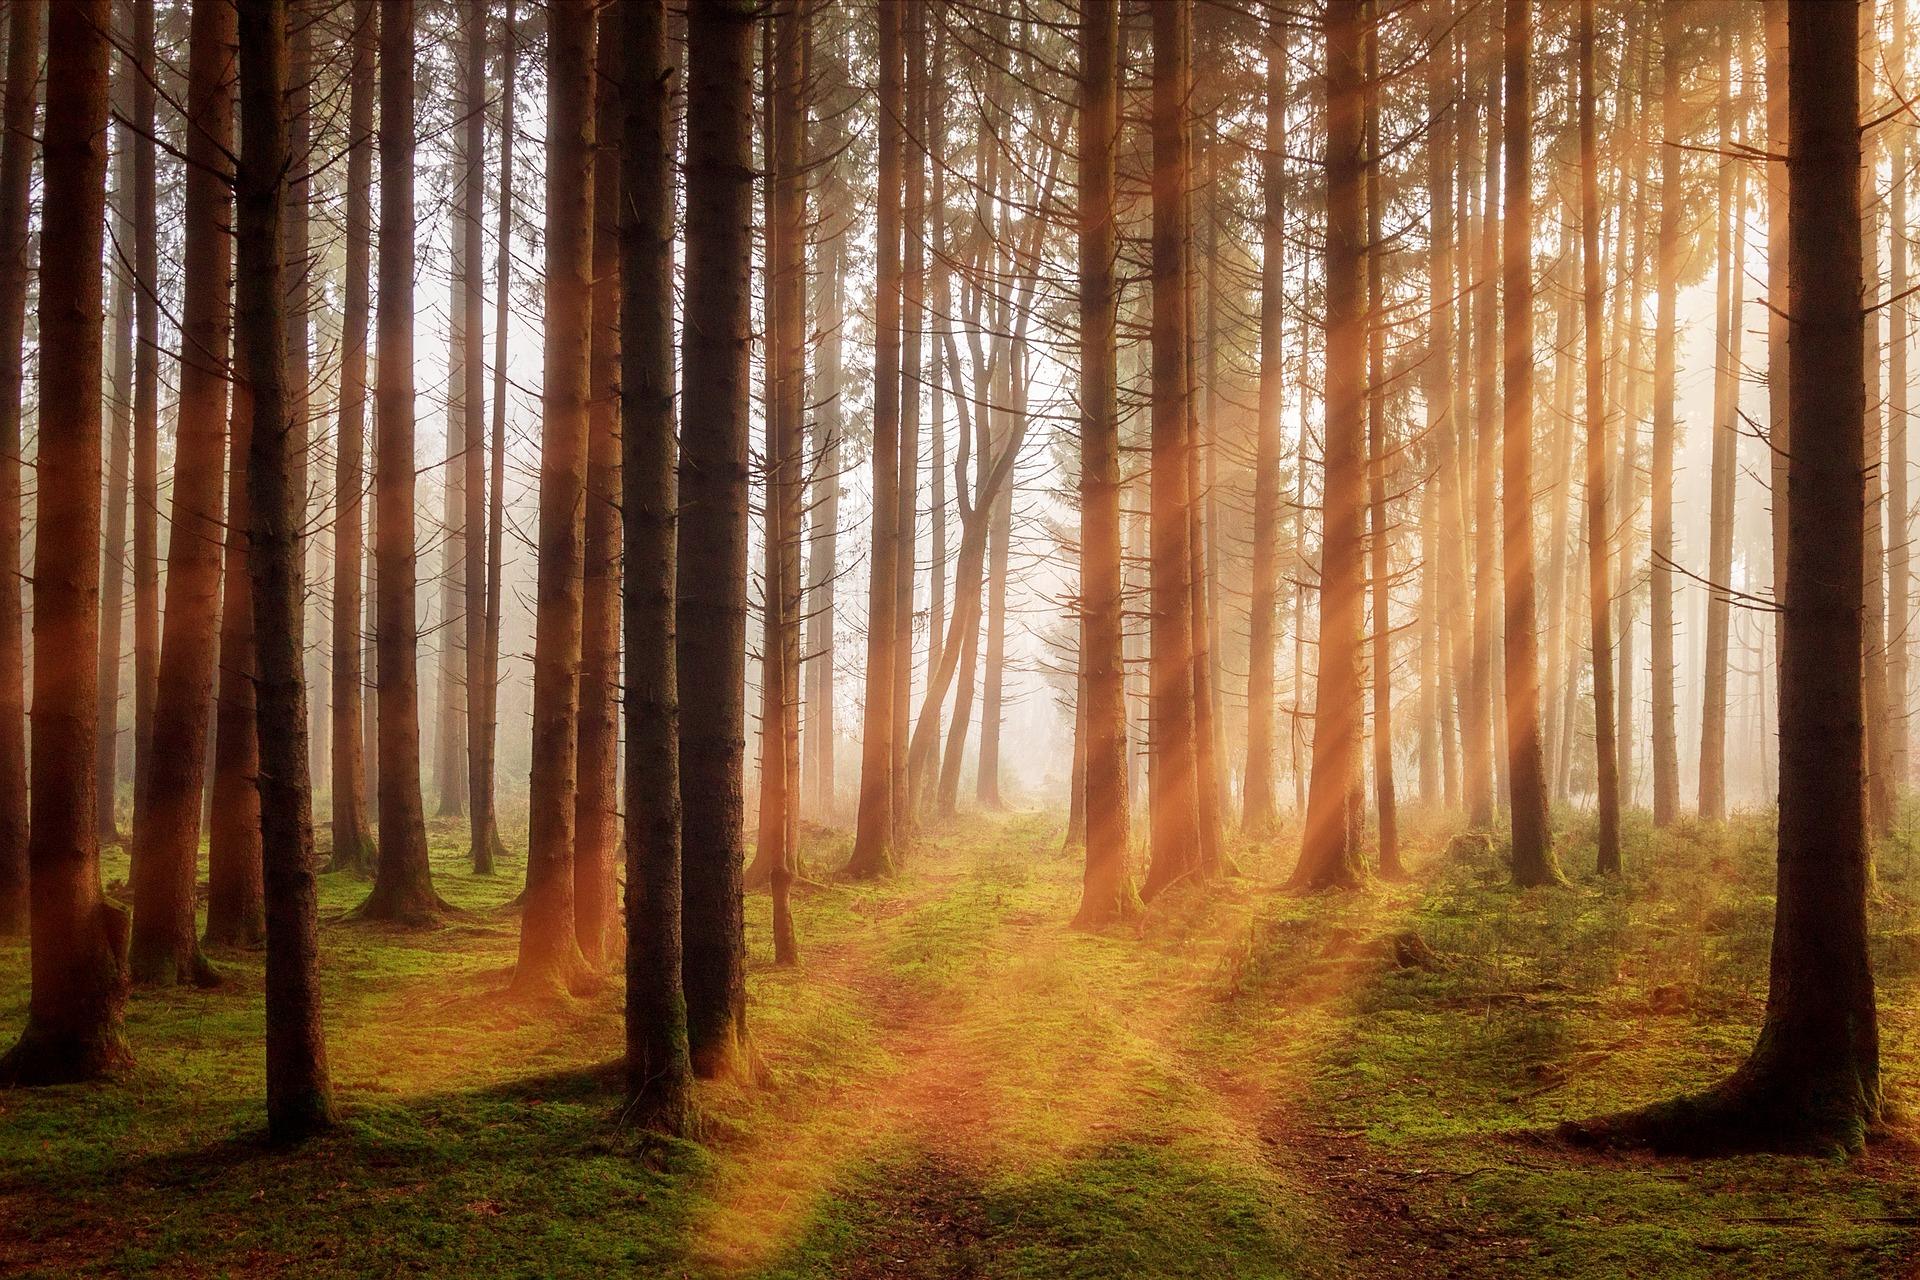 各国での違法伐採の取り締まり強化